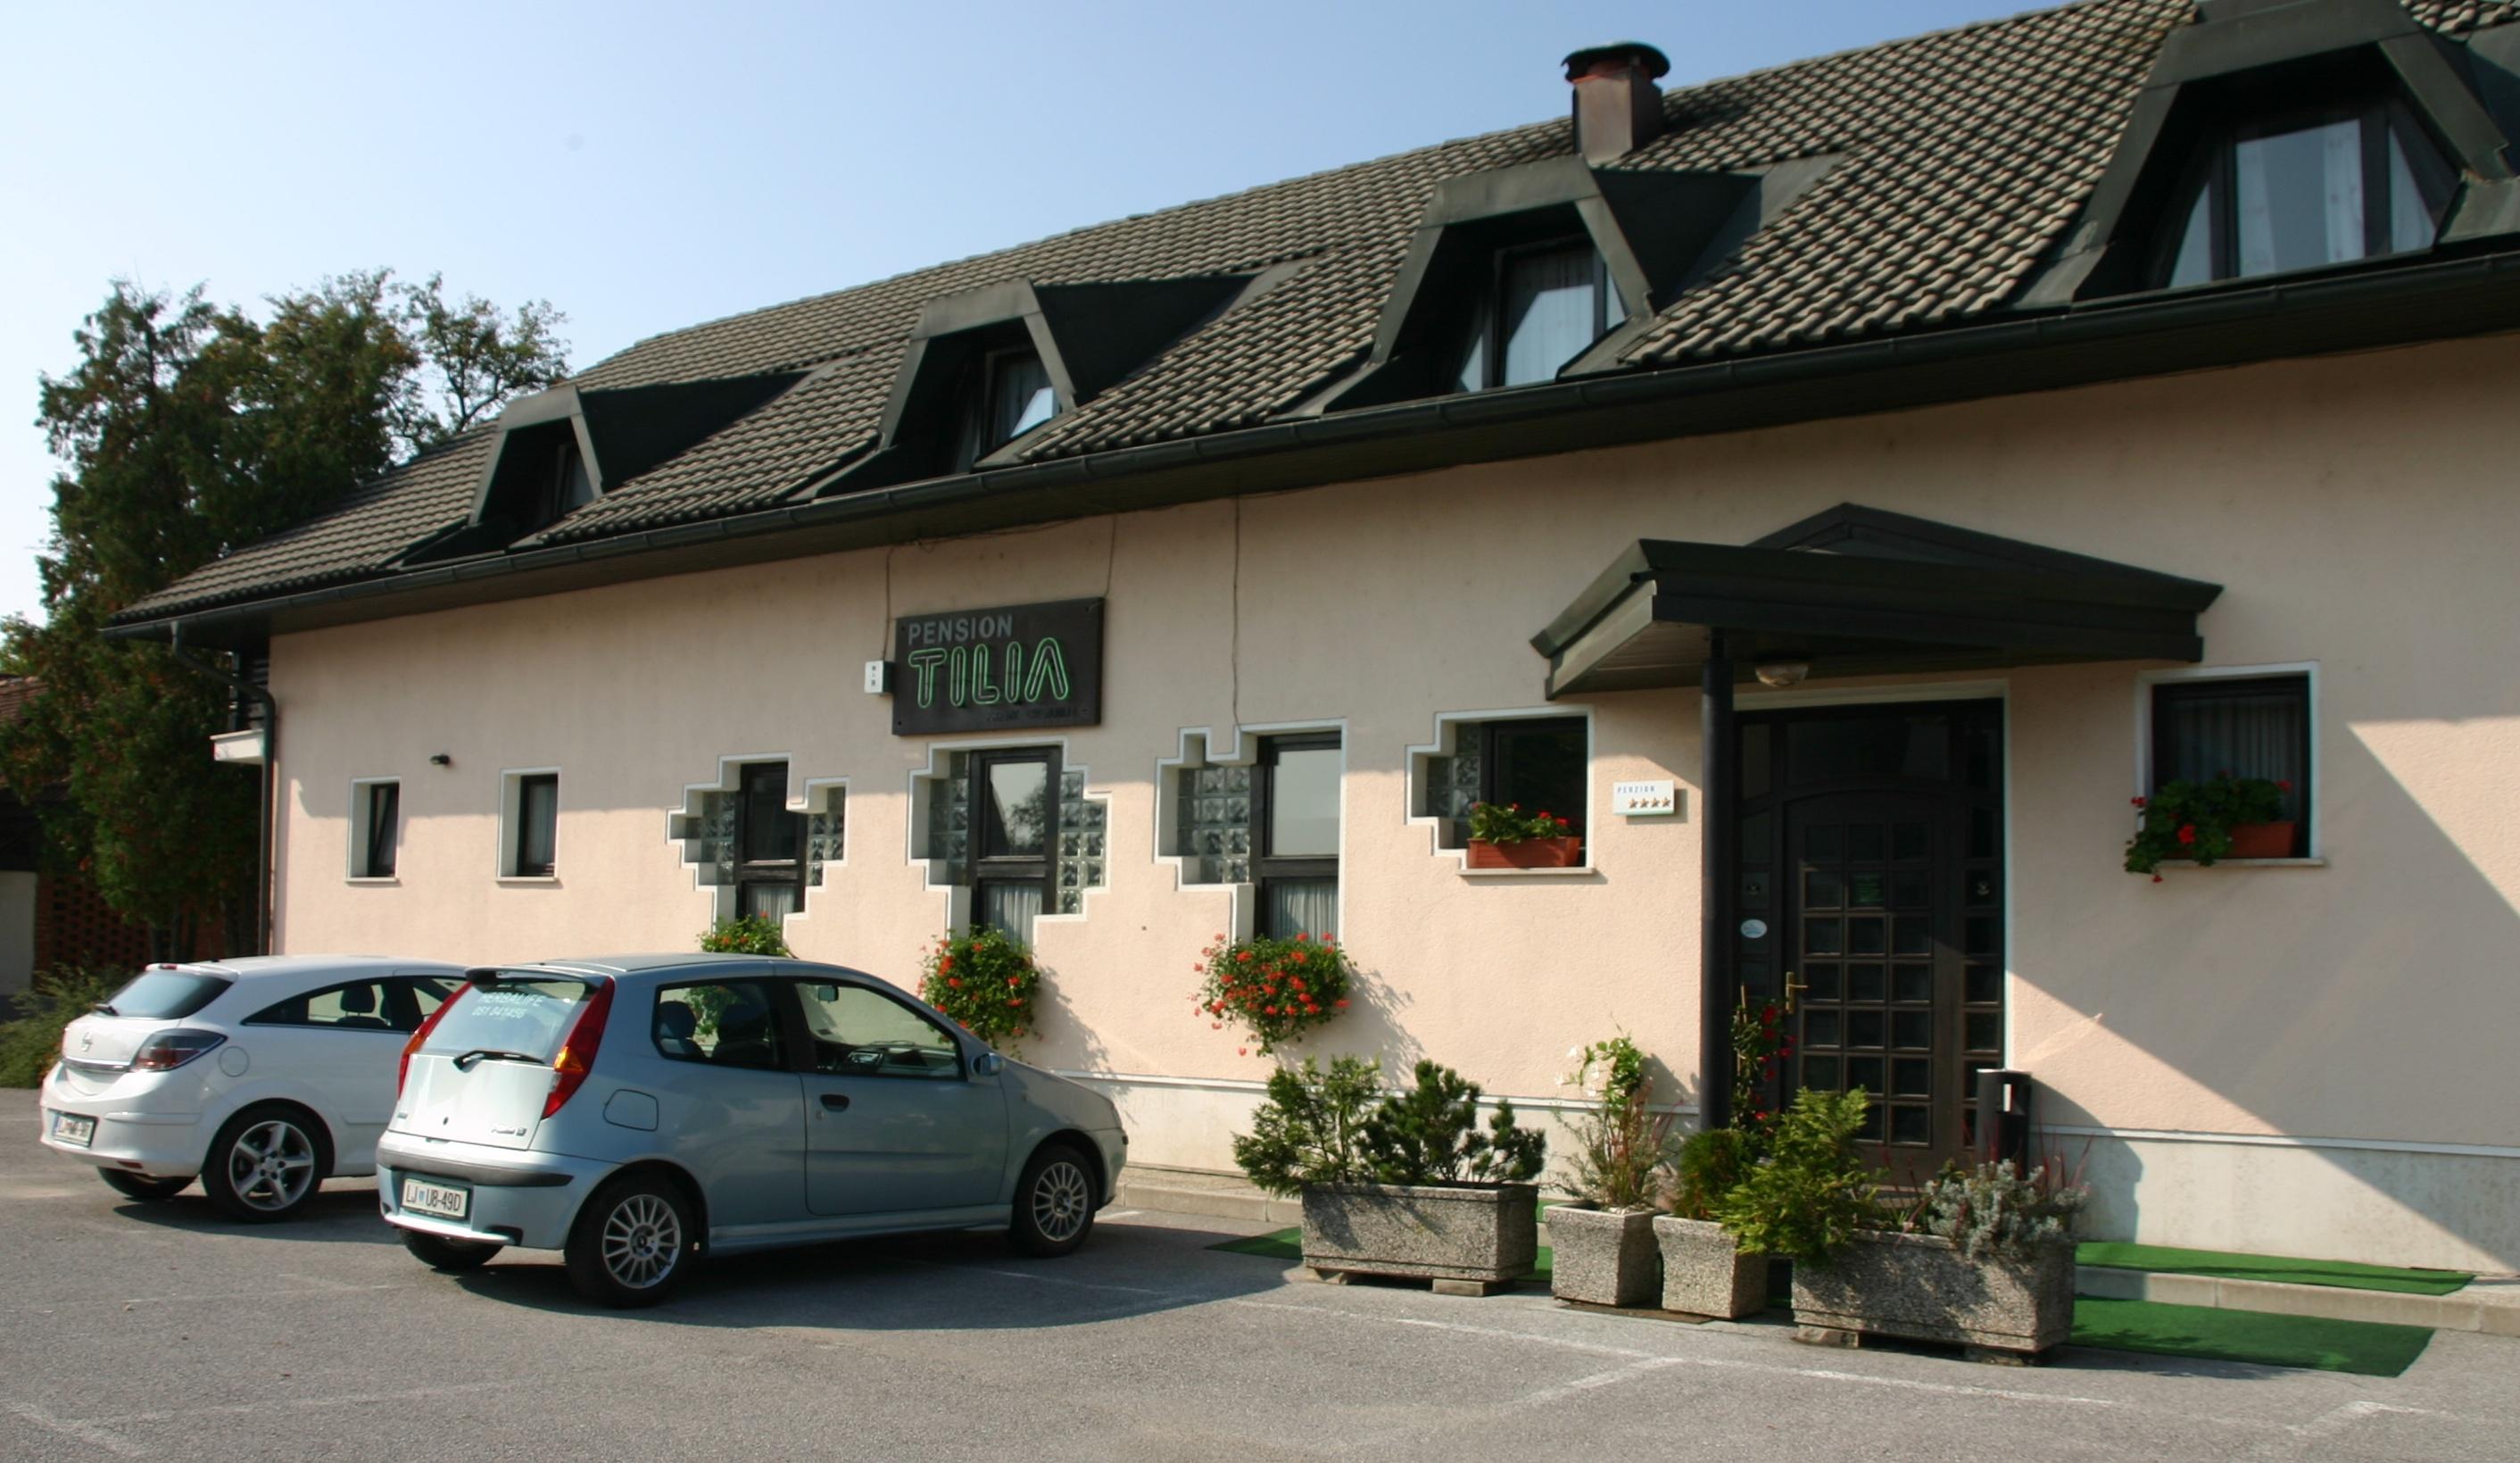 Penzion in Restavracija Tilia